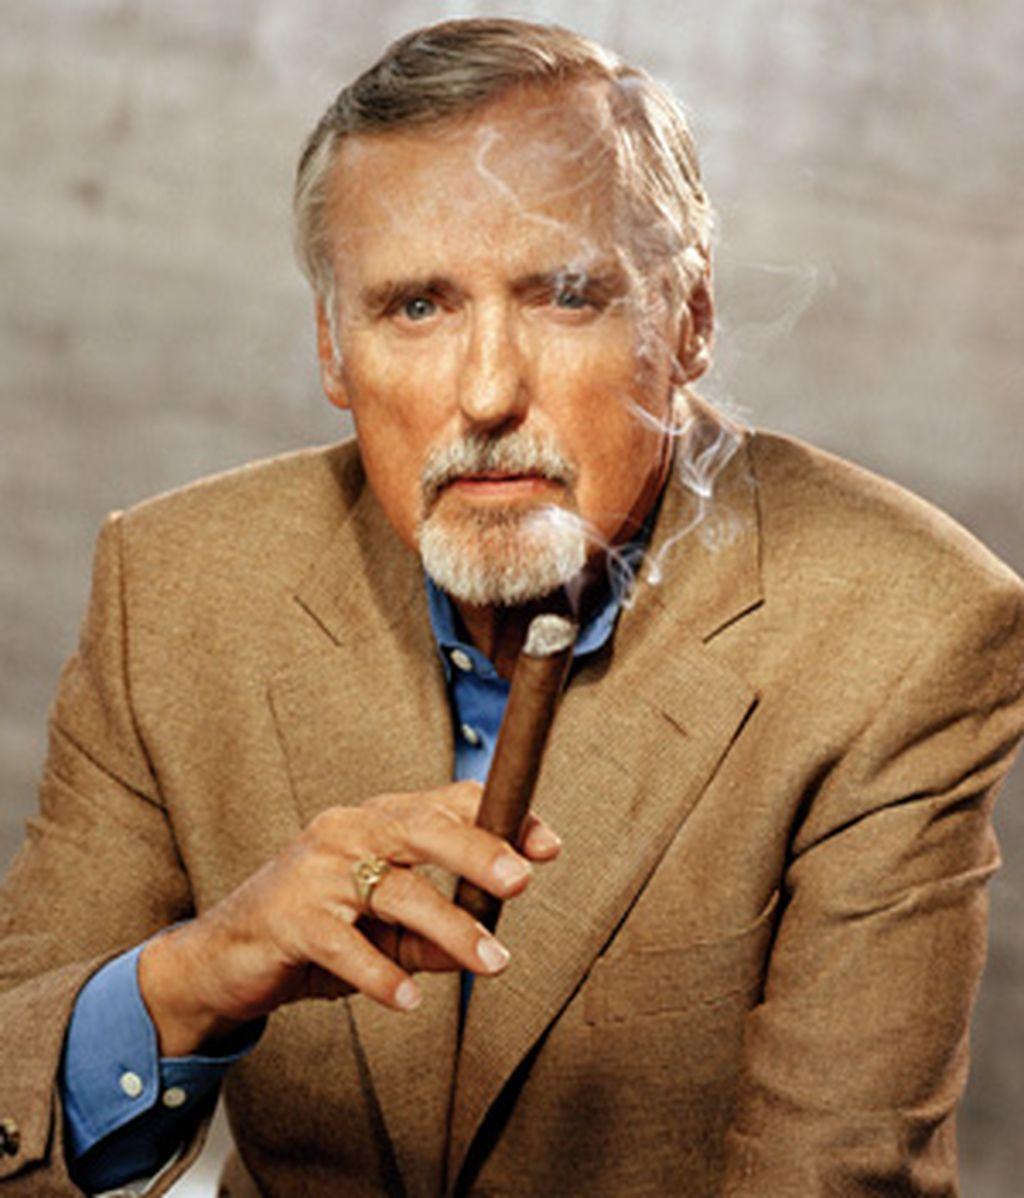 Dennis Hooper, en una foto reciente, tras confirmarse su personaje en una serie de Televisión basada en la película 'Crash'-.